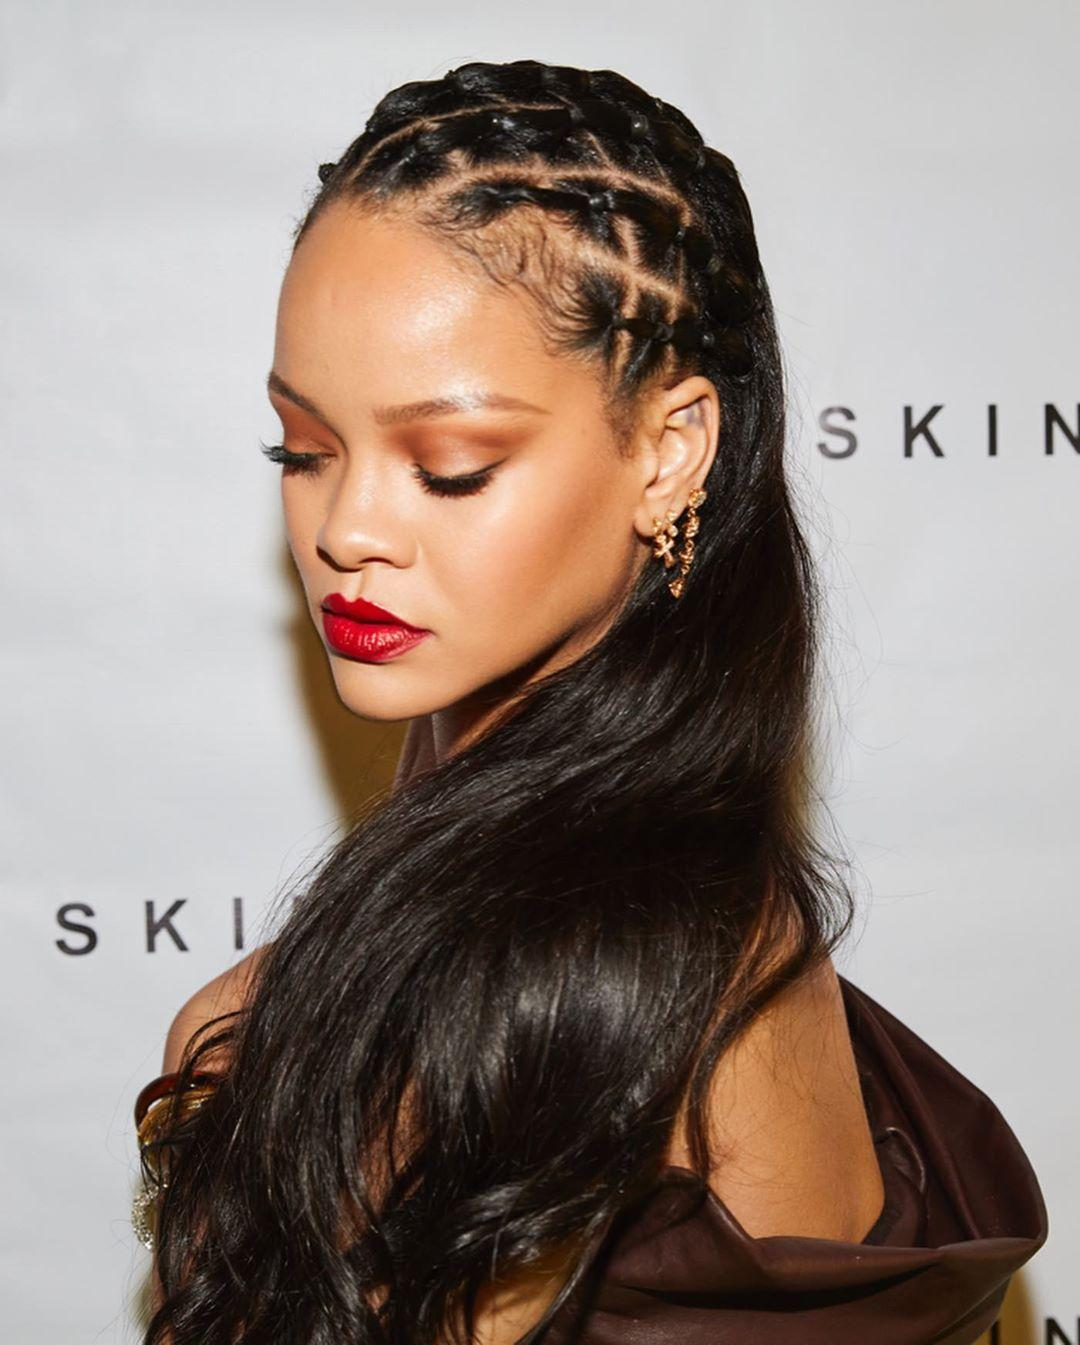 Rihanna é famosa empreendedora (Foto: badgalriri/Instagram/Reprodução)